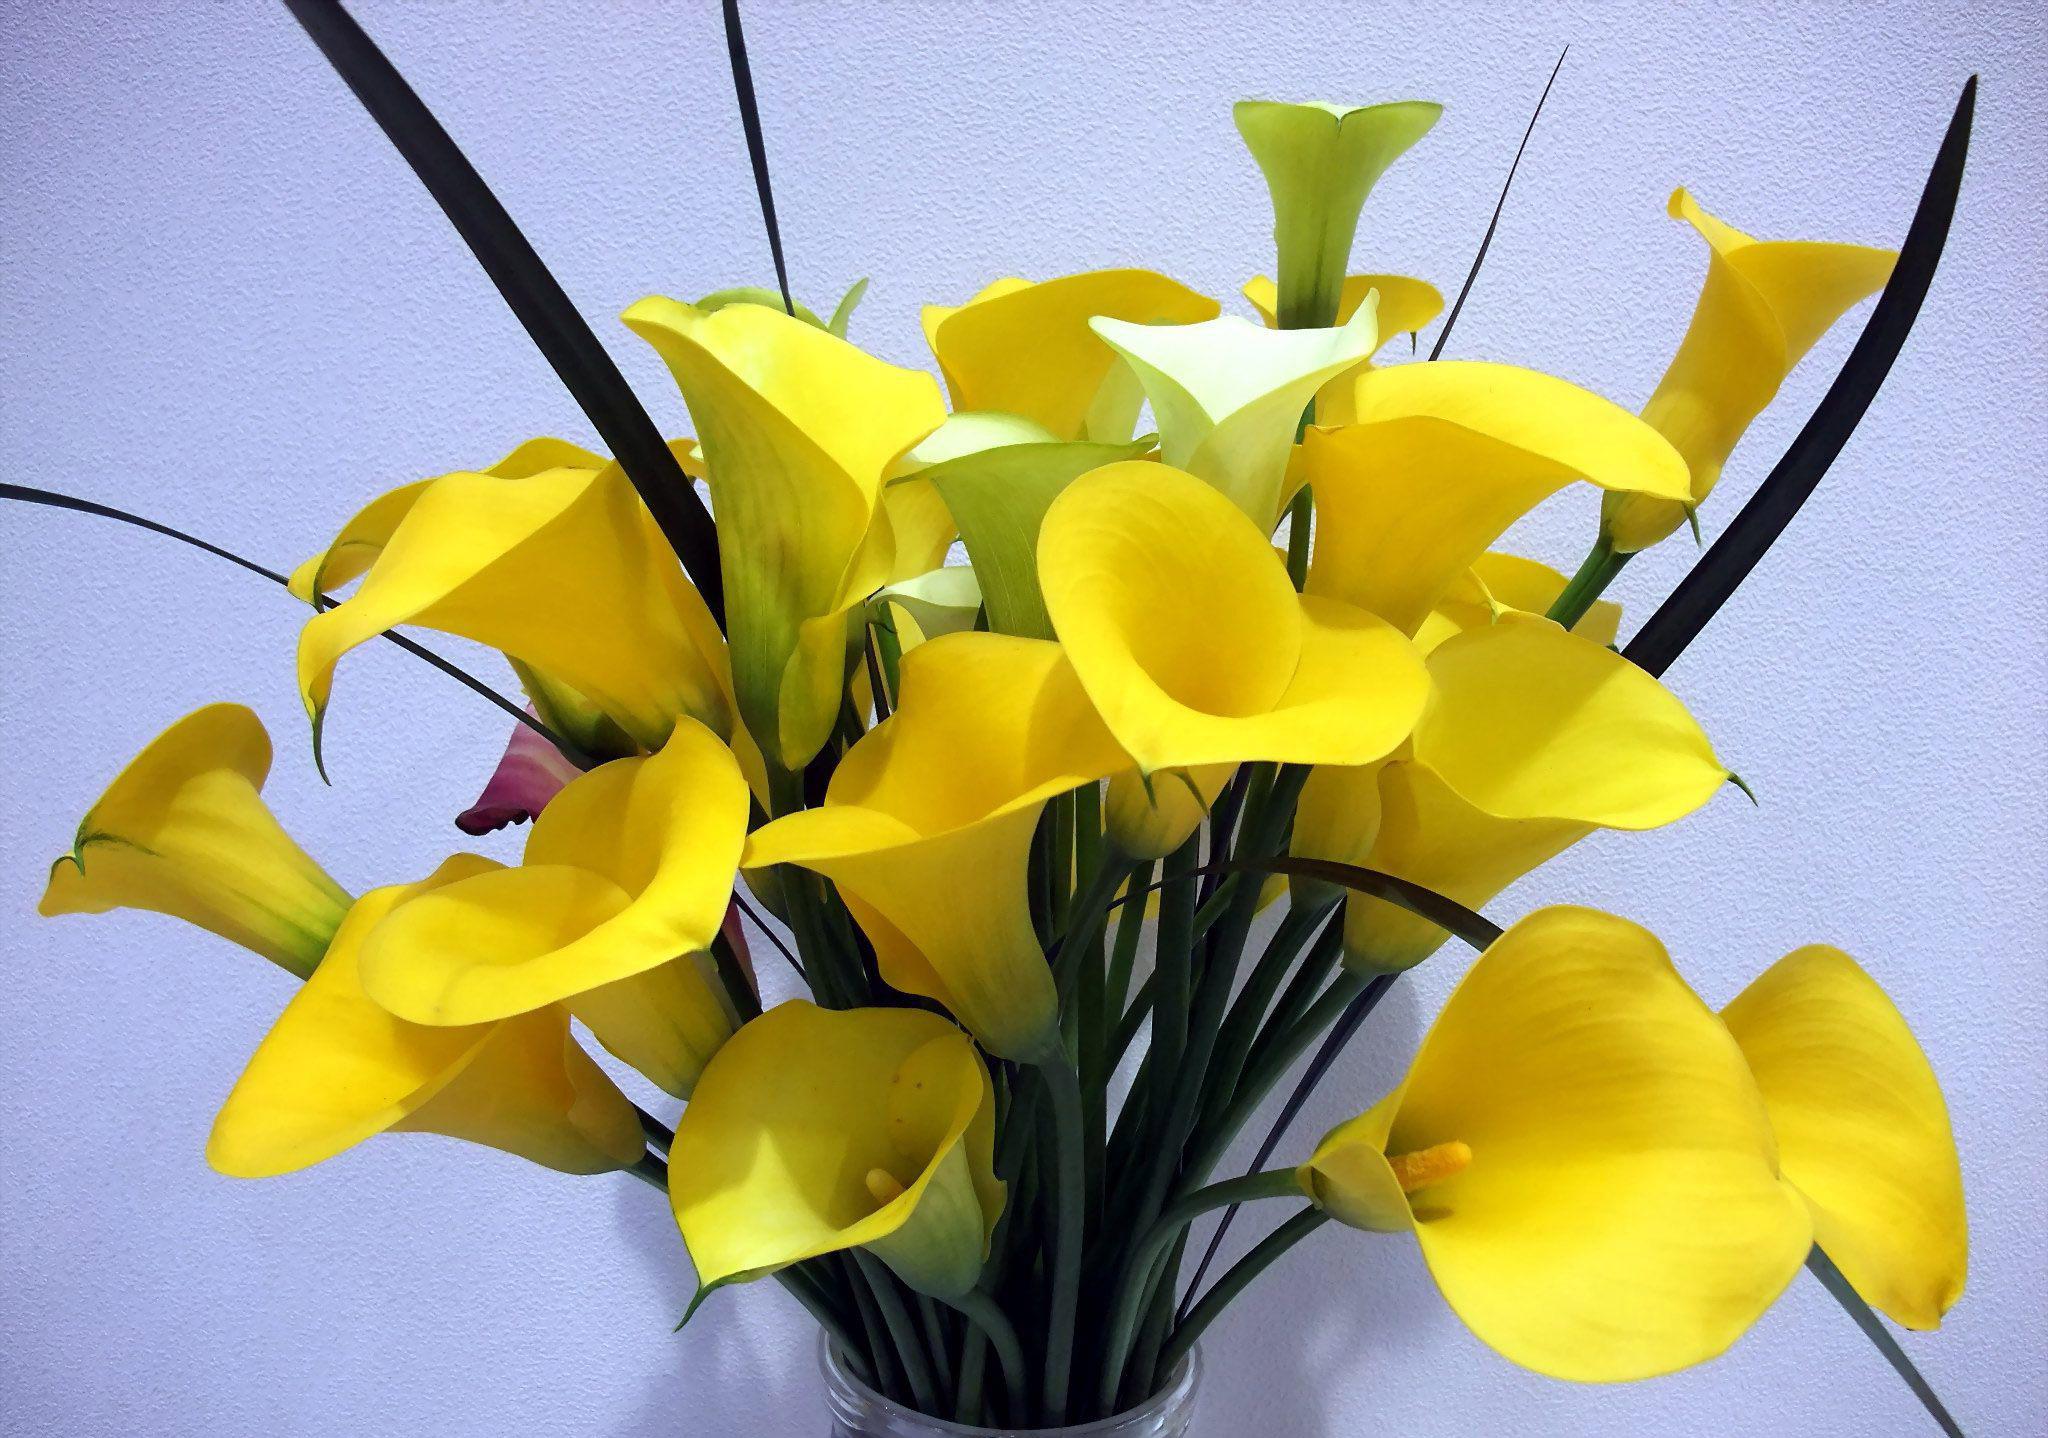 виды цветов для букетов фото с названиями недорогих натяжных потолков